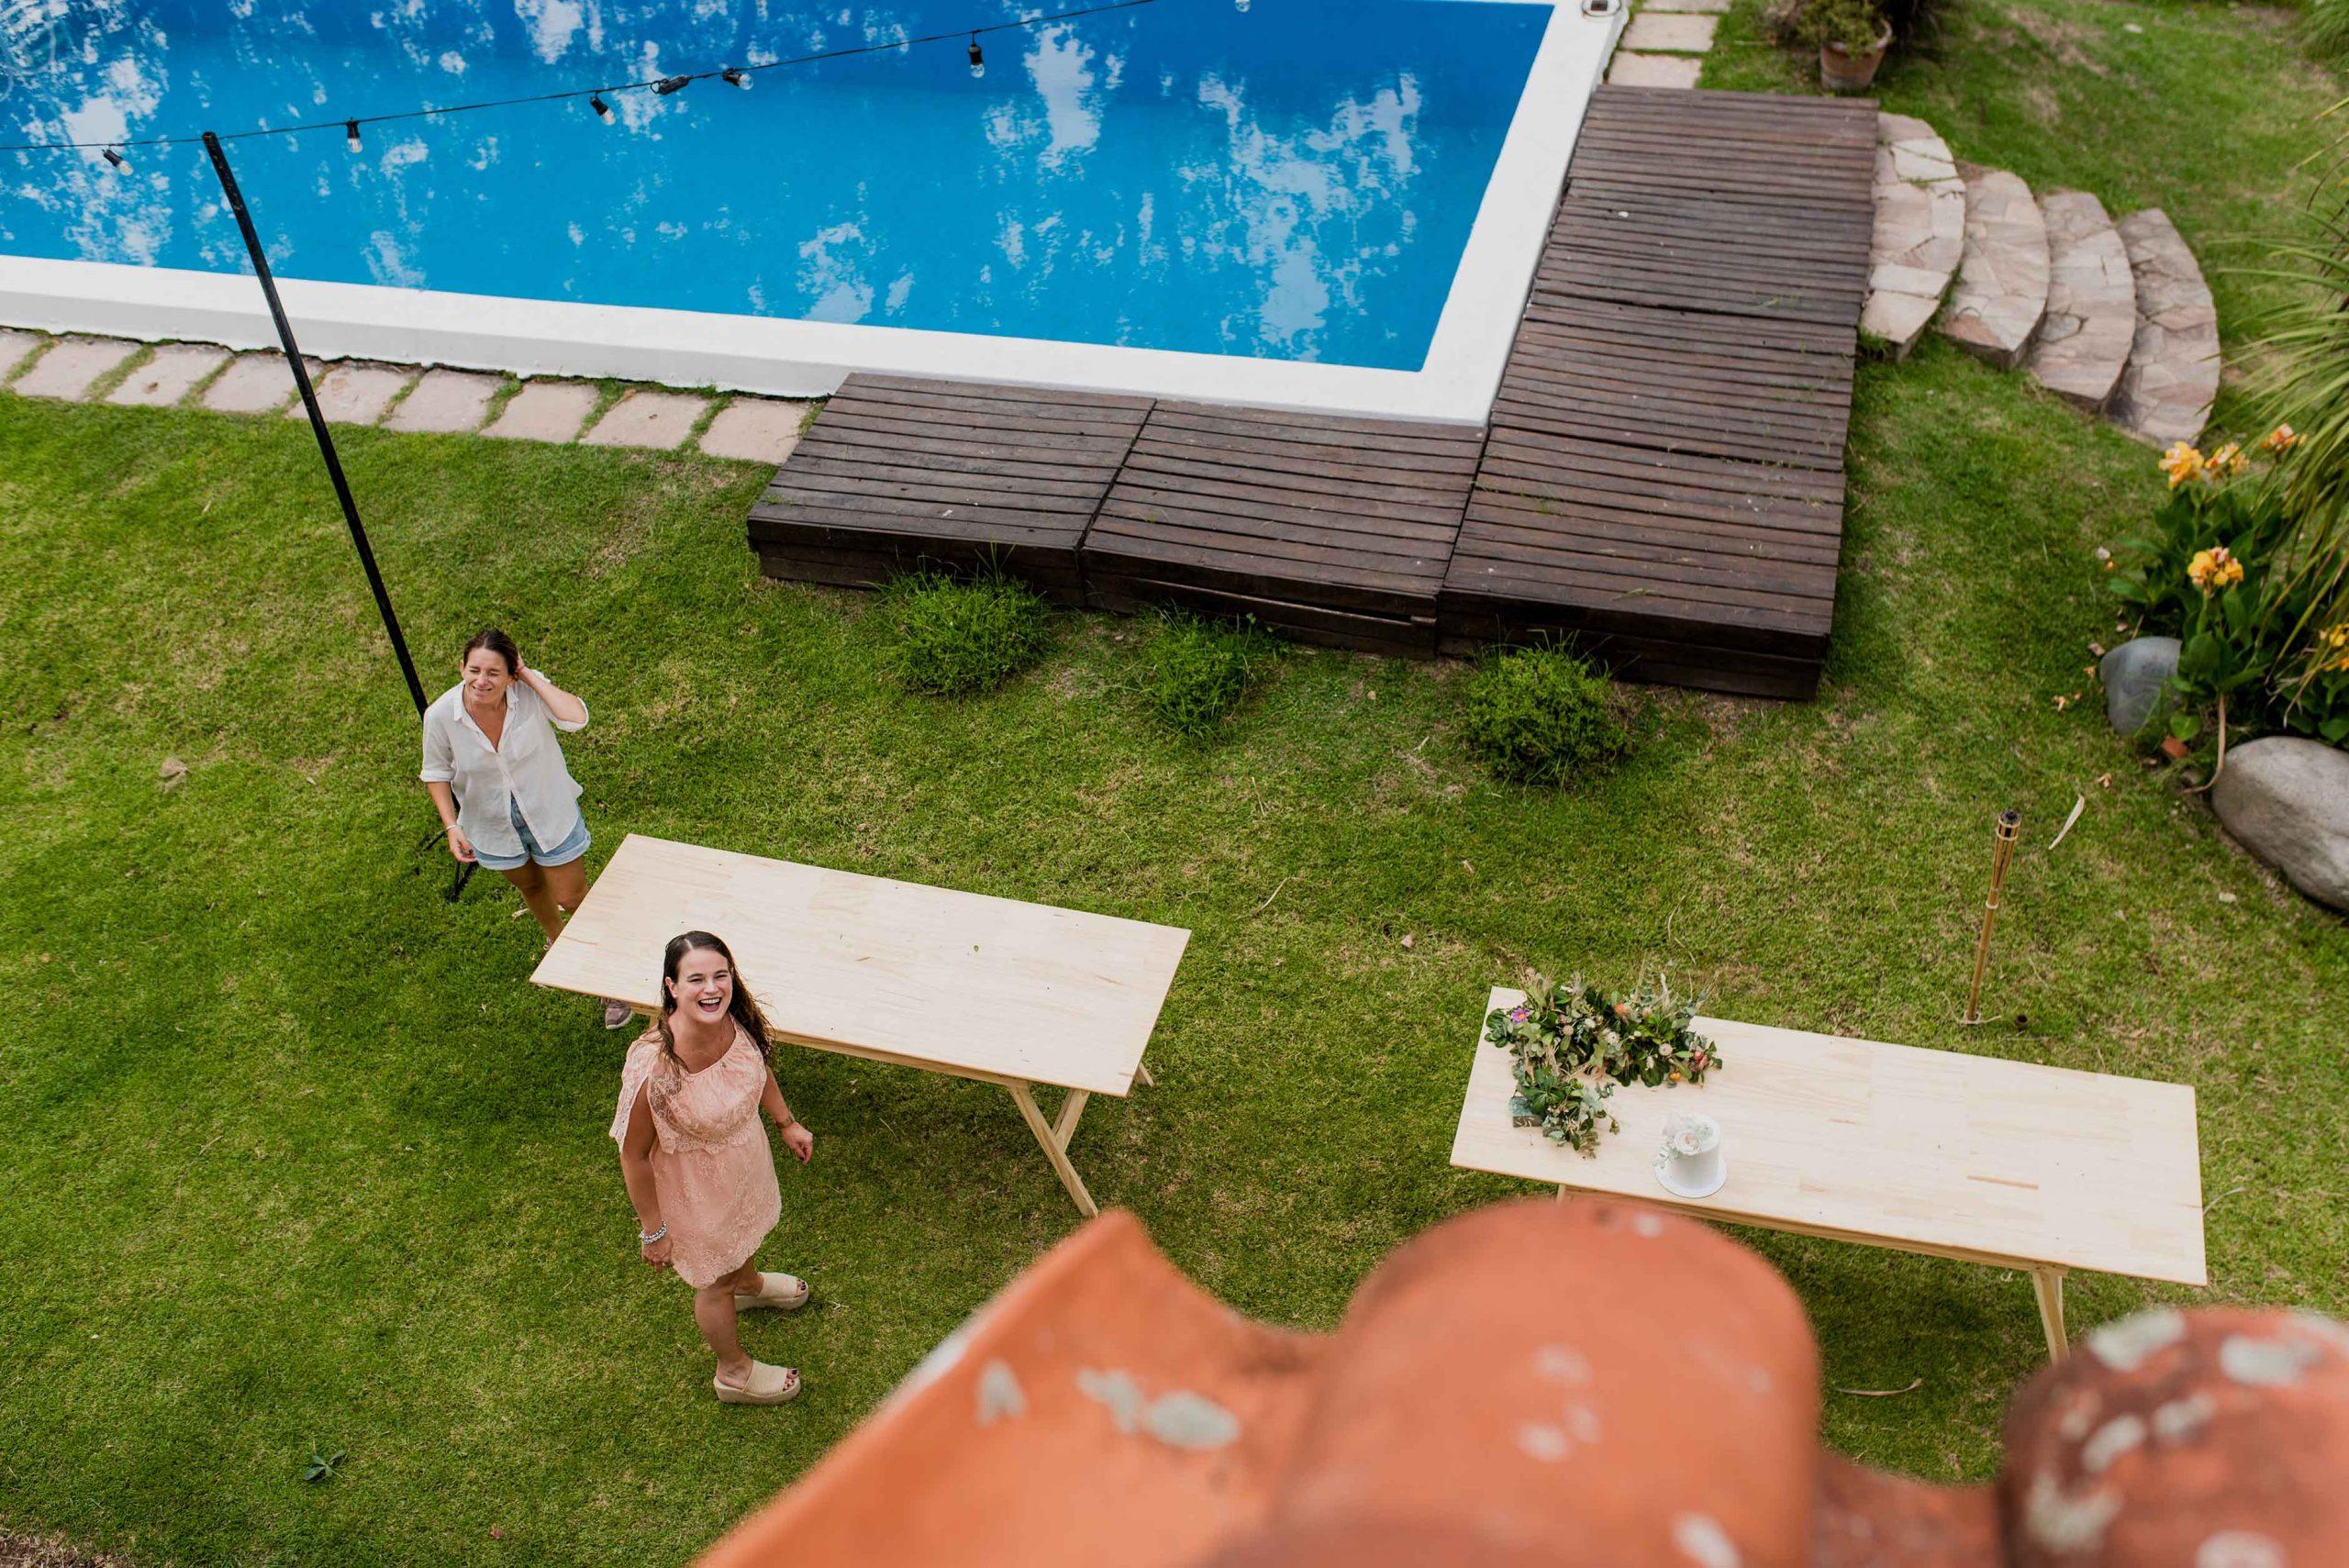 Fotos de la boda de Vale y Rami en Pueblo Esther Rosario realizadas por Bucle Fotografias Flor Bosio y Caro Clerici